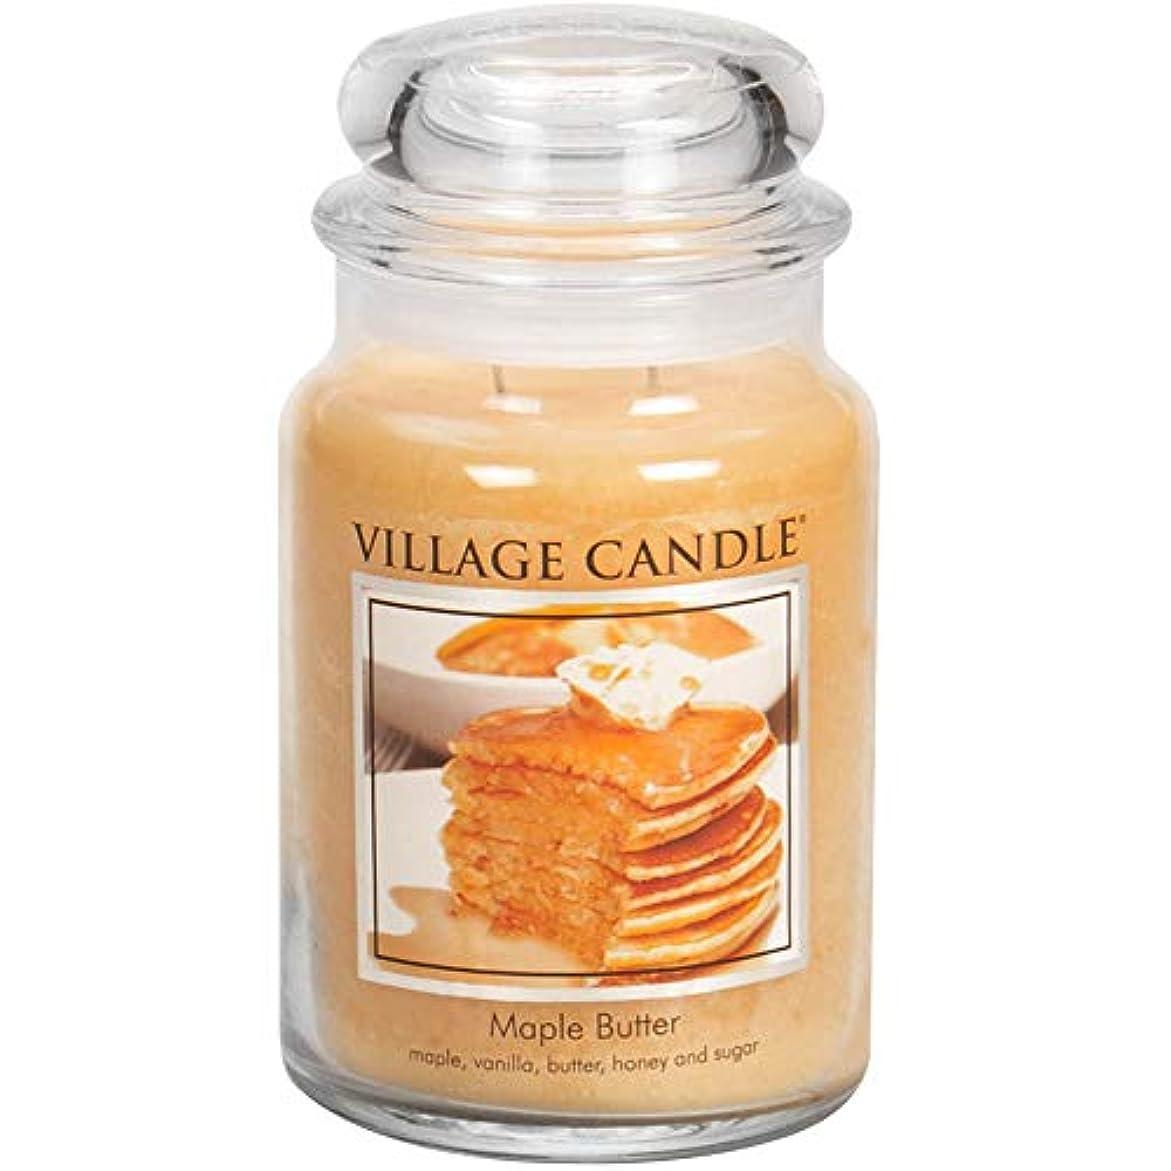 ハーネスショート対立Village Candle Large Fragranced Candle Jar - 17cm x 10cm - 26oz (1219g)- Maple Butter - upto 170 hours burn time by Village Candle